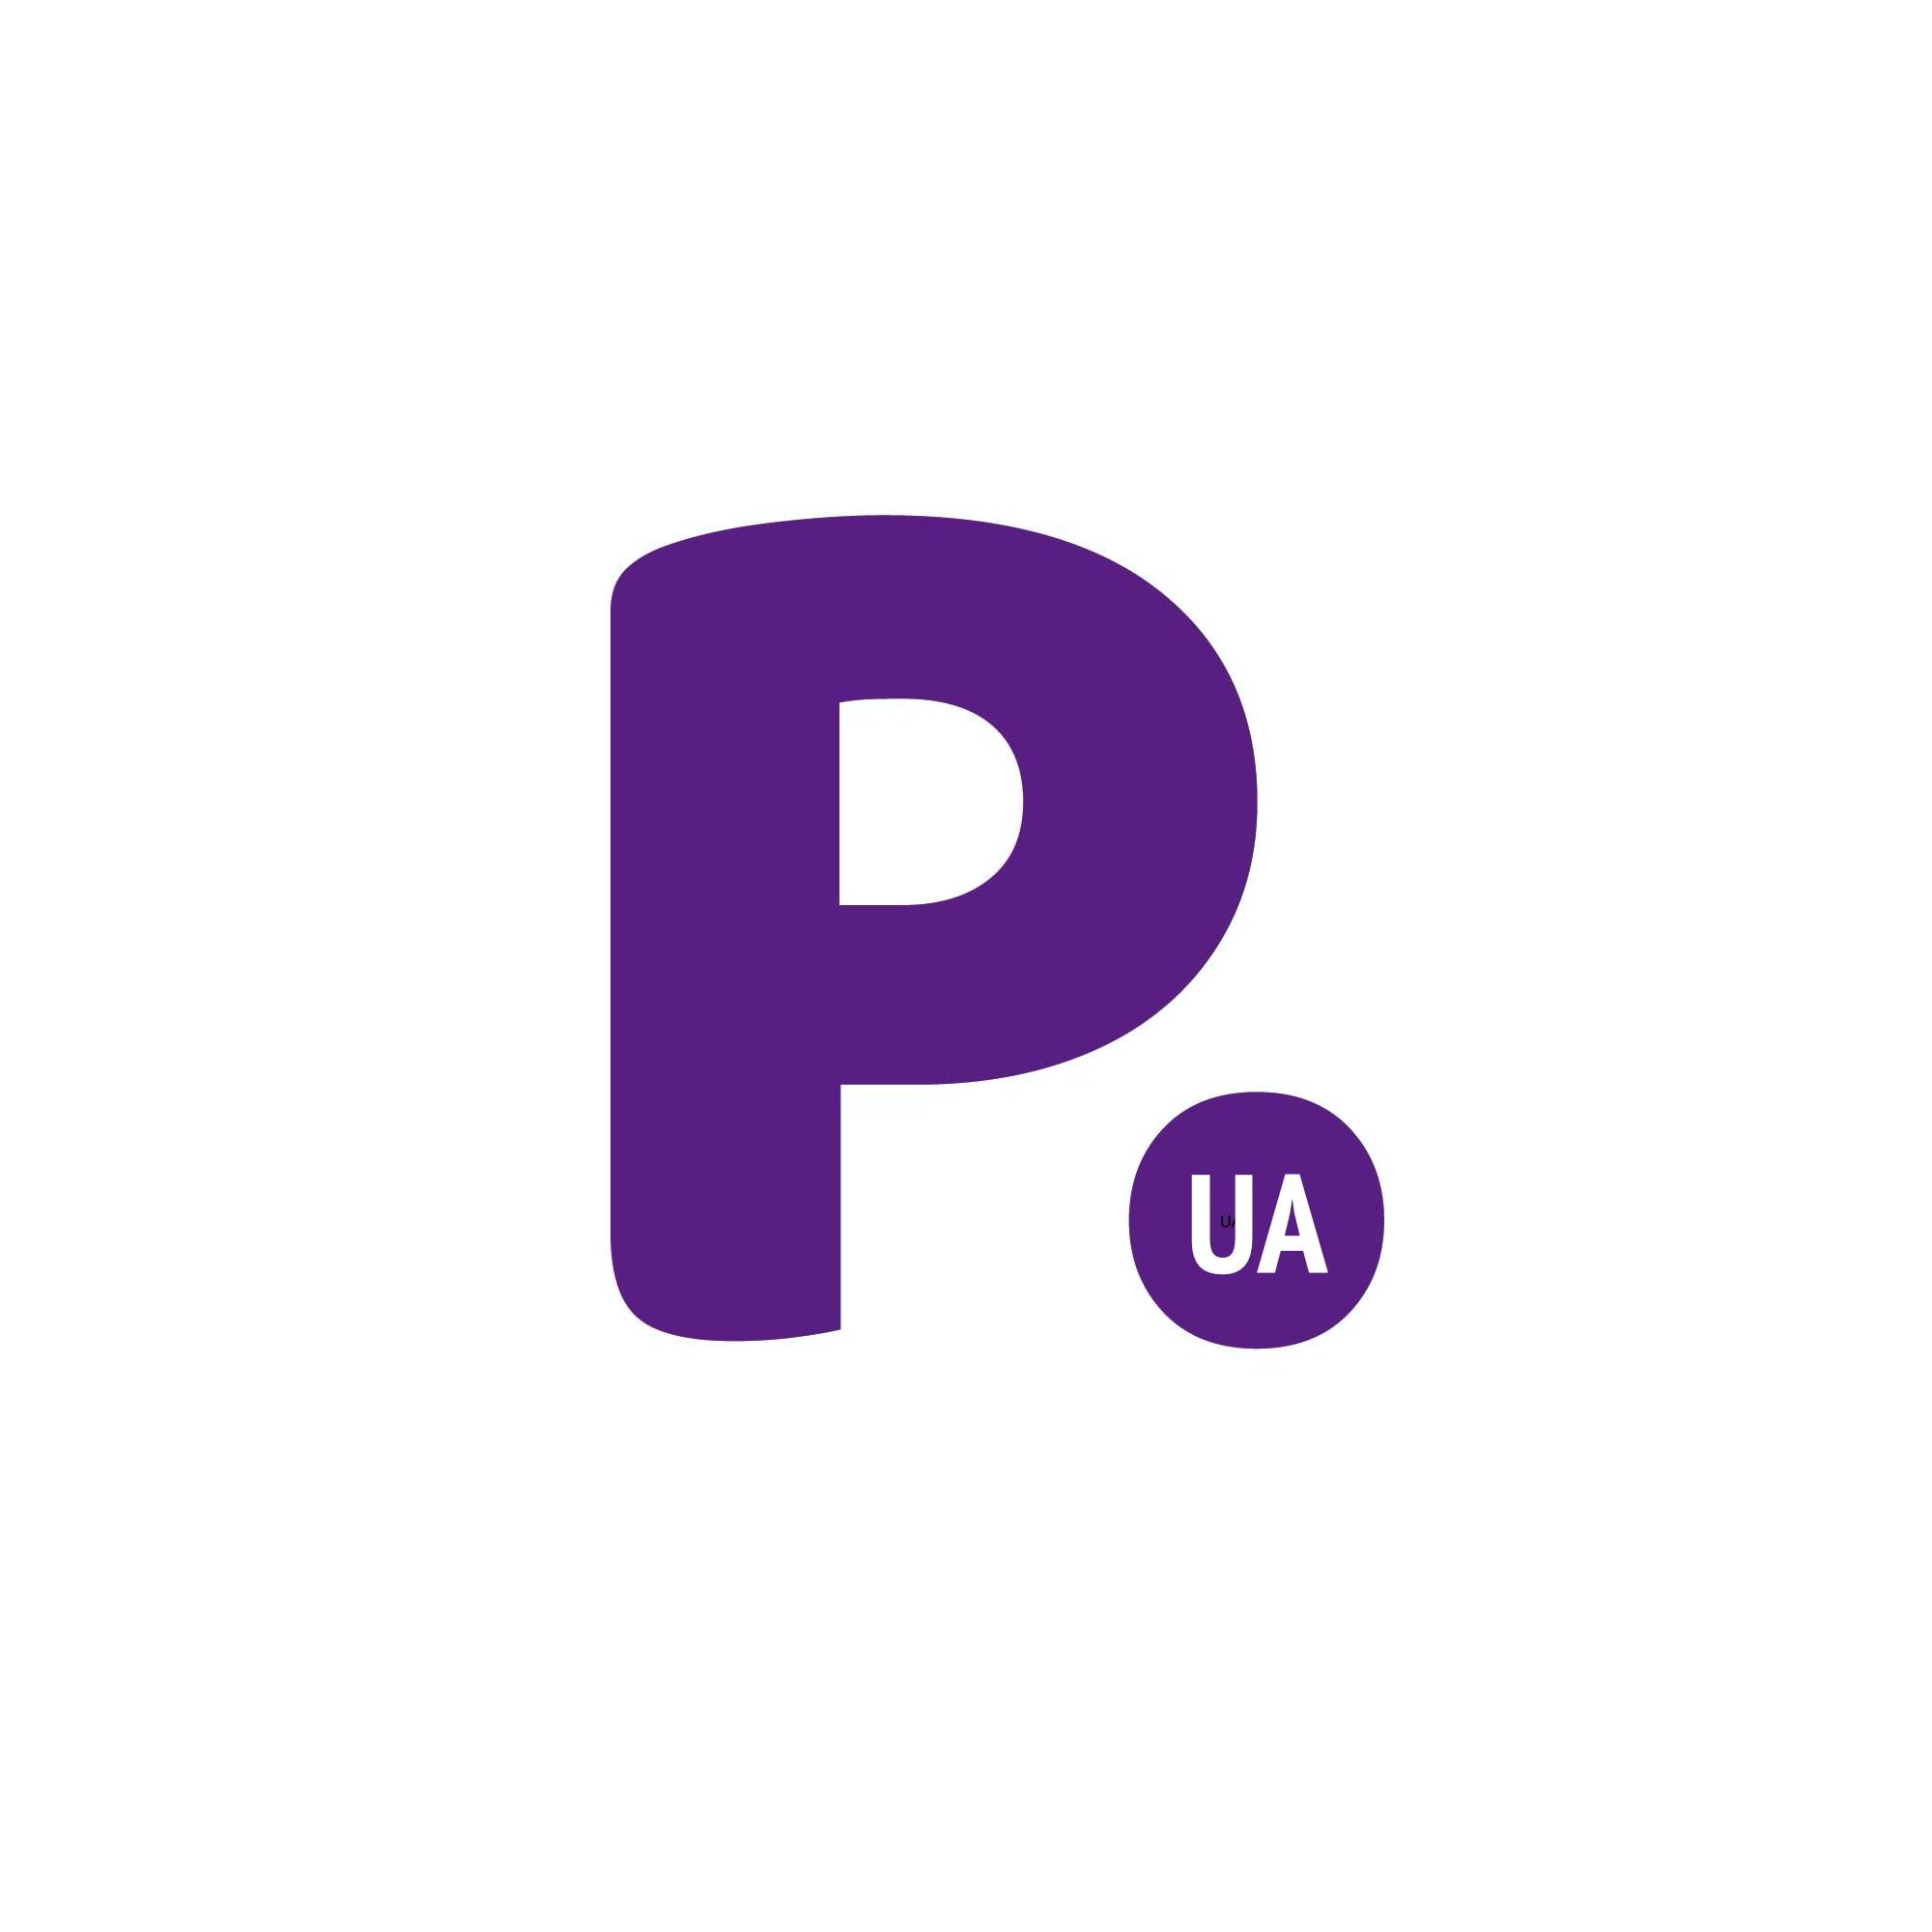 Універсальна мобільна батарея PowerPlant PB-LA9005 5200mAh (PPLA9005) з універсальним кабелем